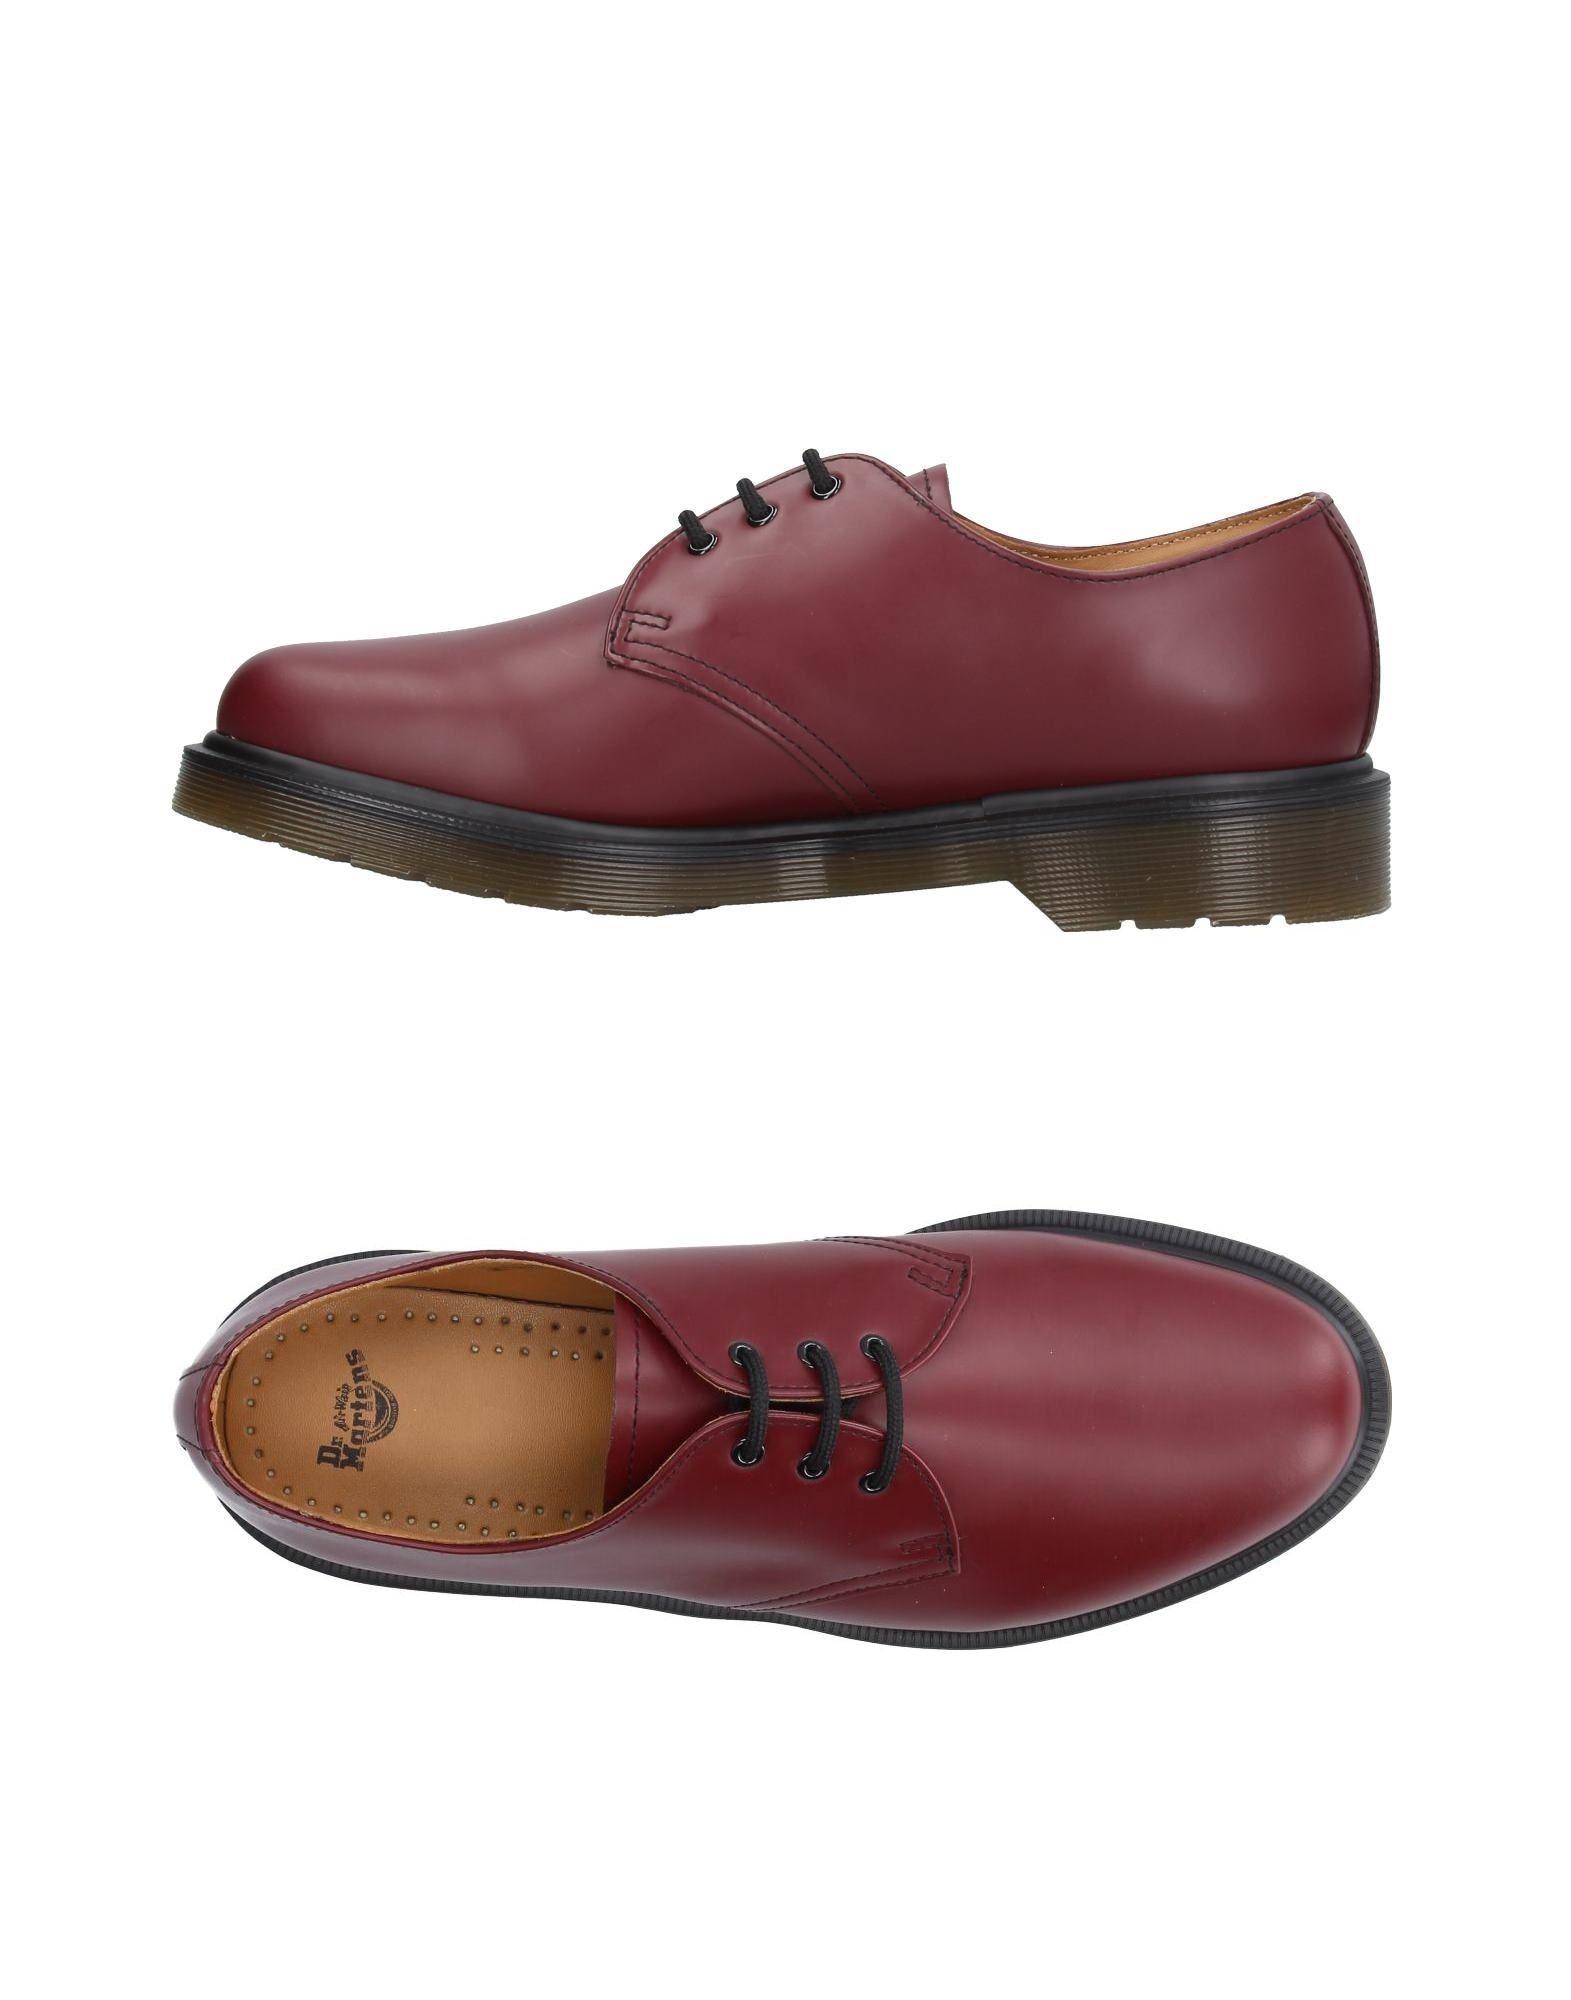 Rabatt echte Schuhe Dr. Martens Schnürschuhe Herren  11228963IQ